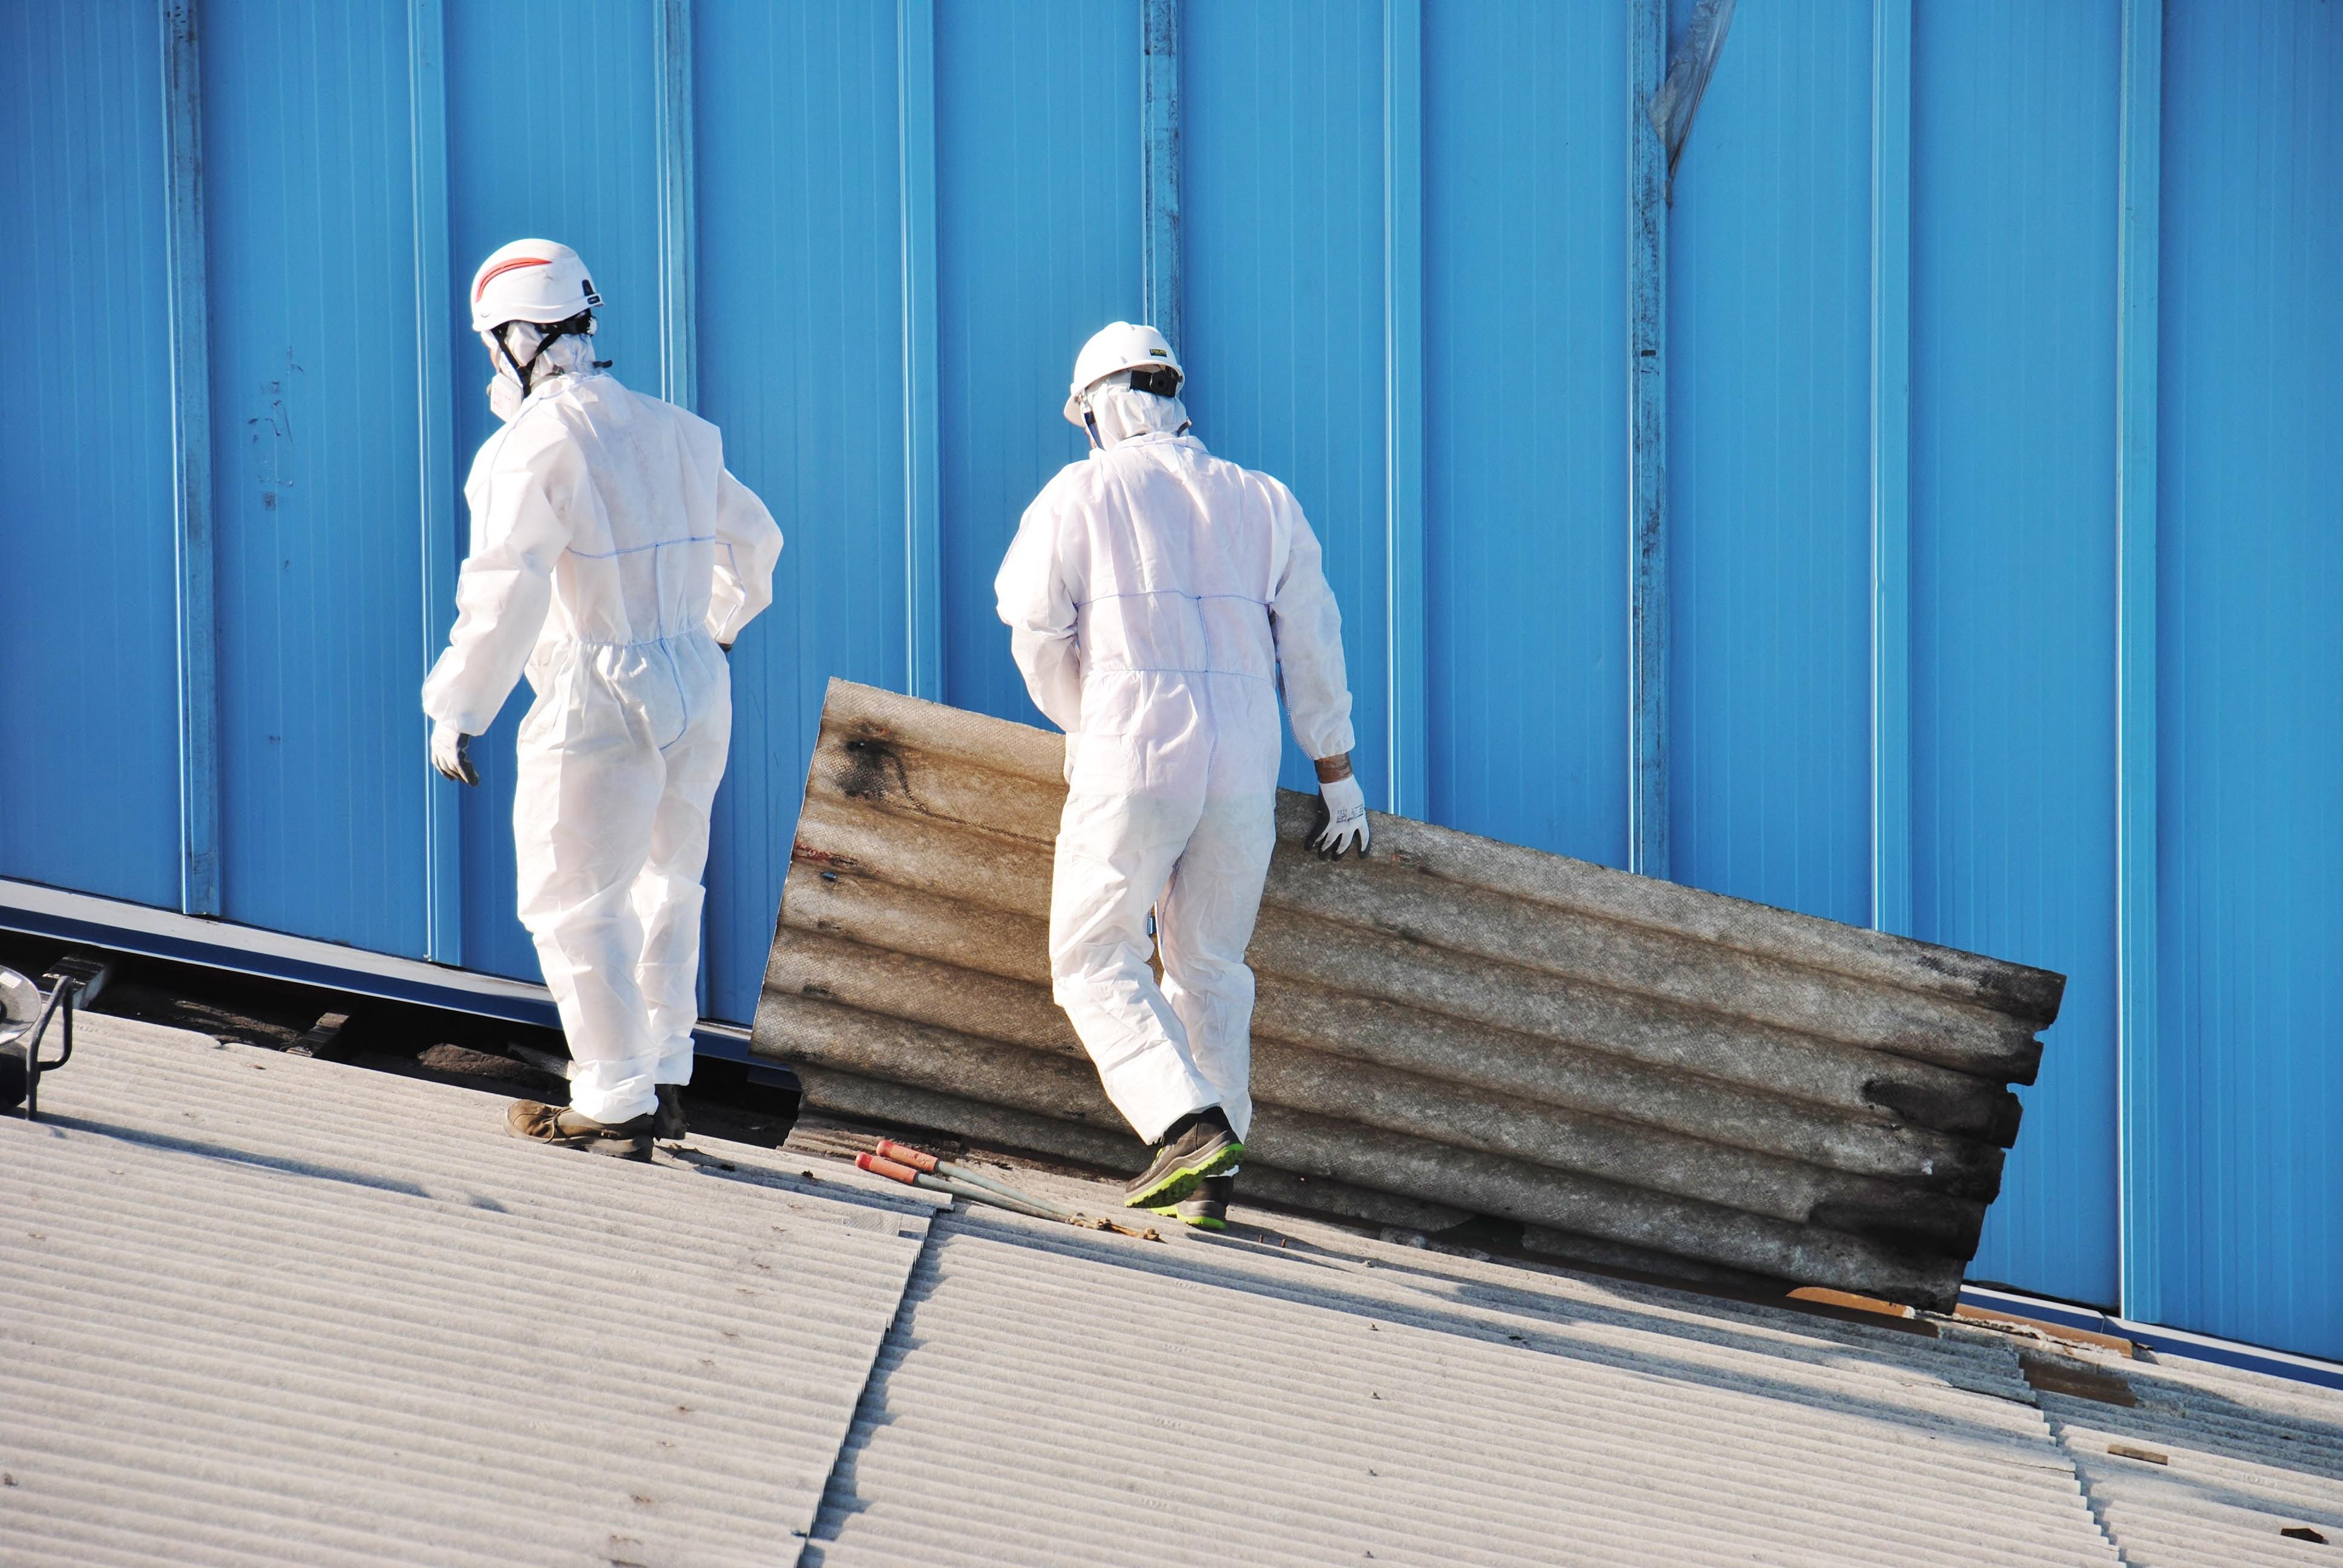 intervention de deux techniciens en tenue de protection pour constater la présence d'amiante